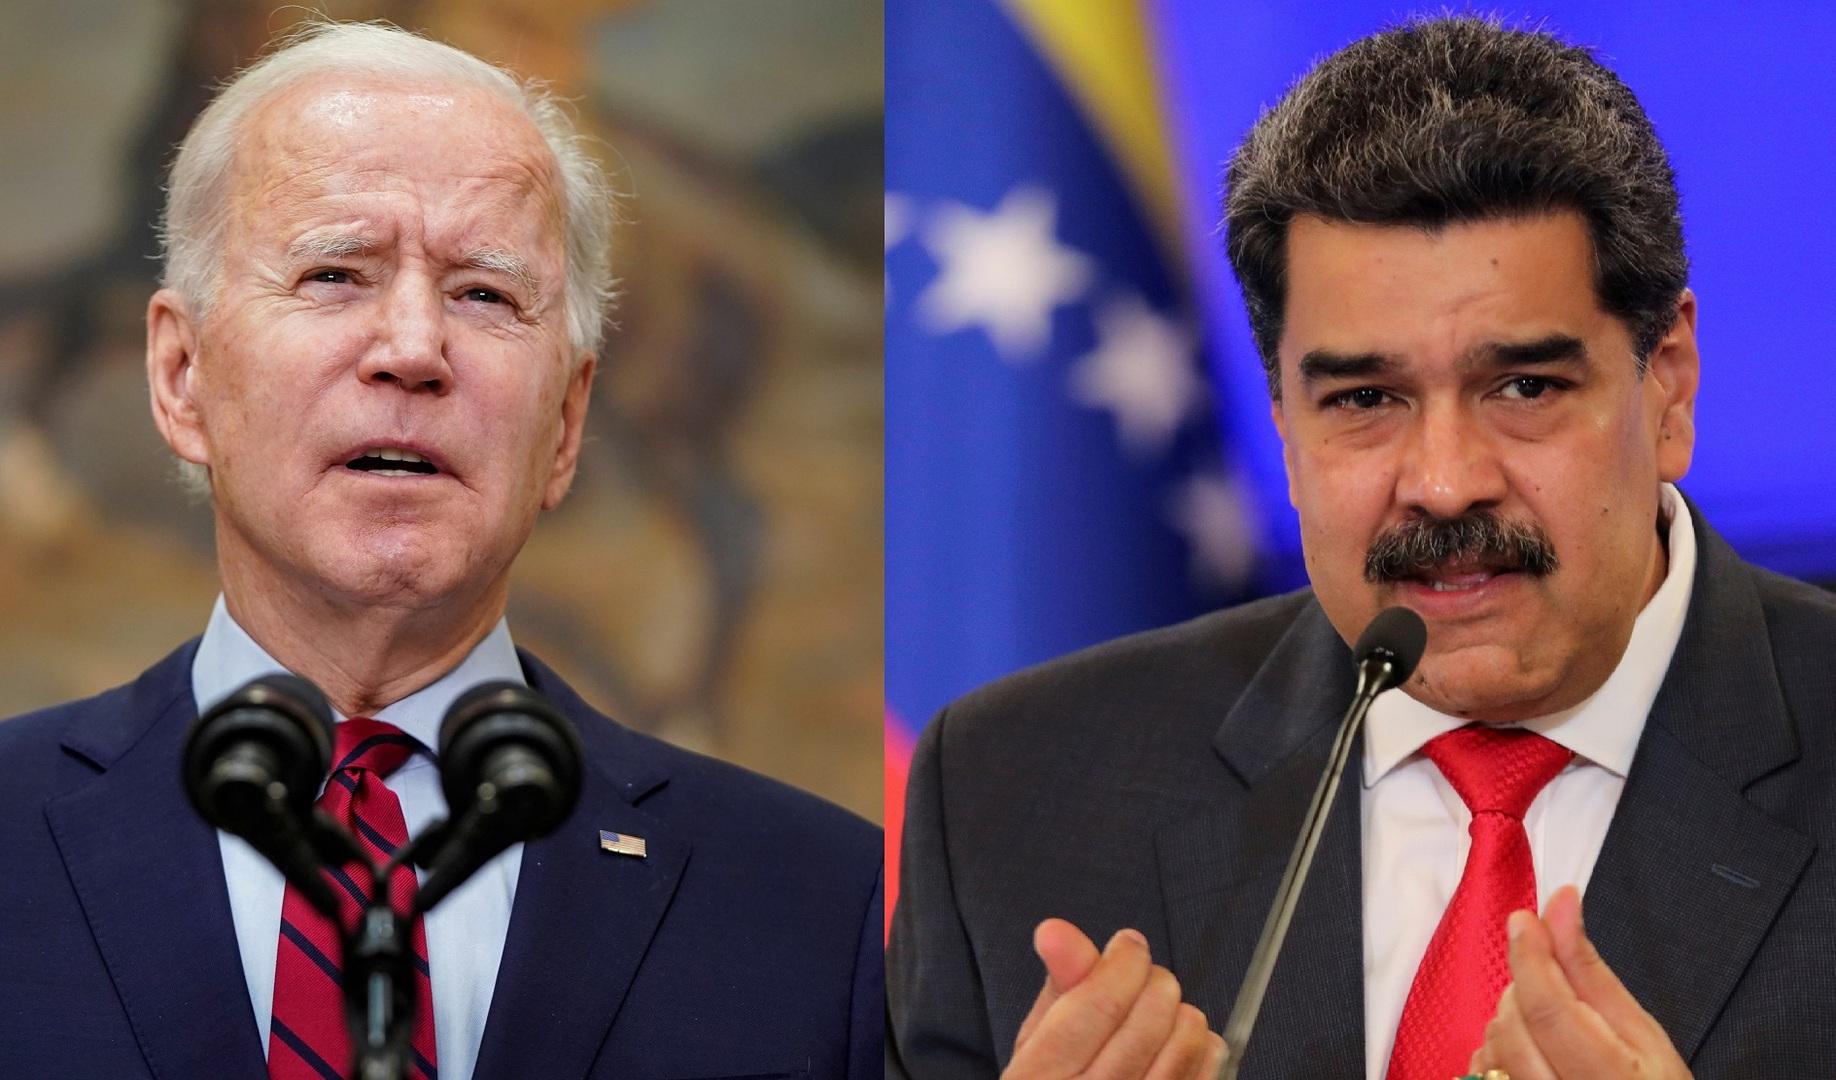 الرئيسان الأمريكي جة بايدن والفنزويلي نيكولاس مادورو